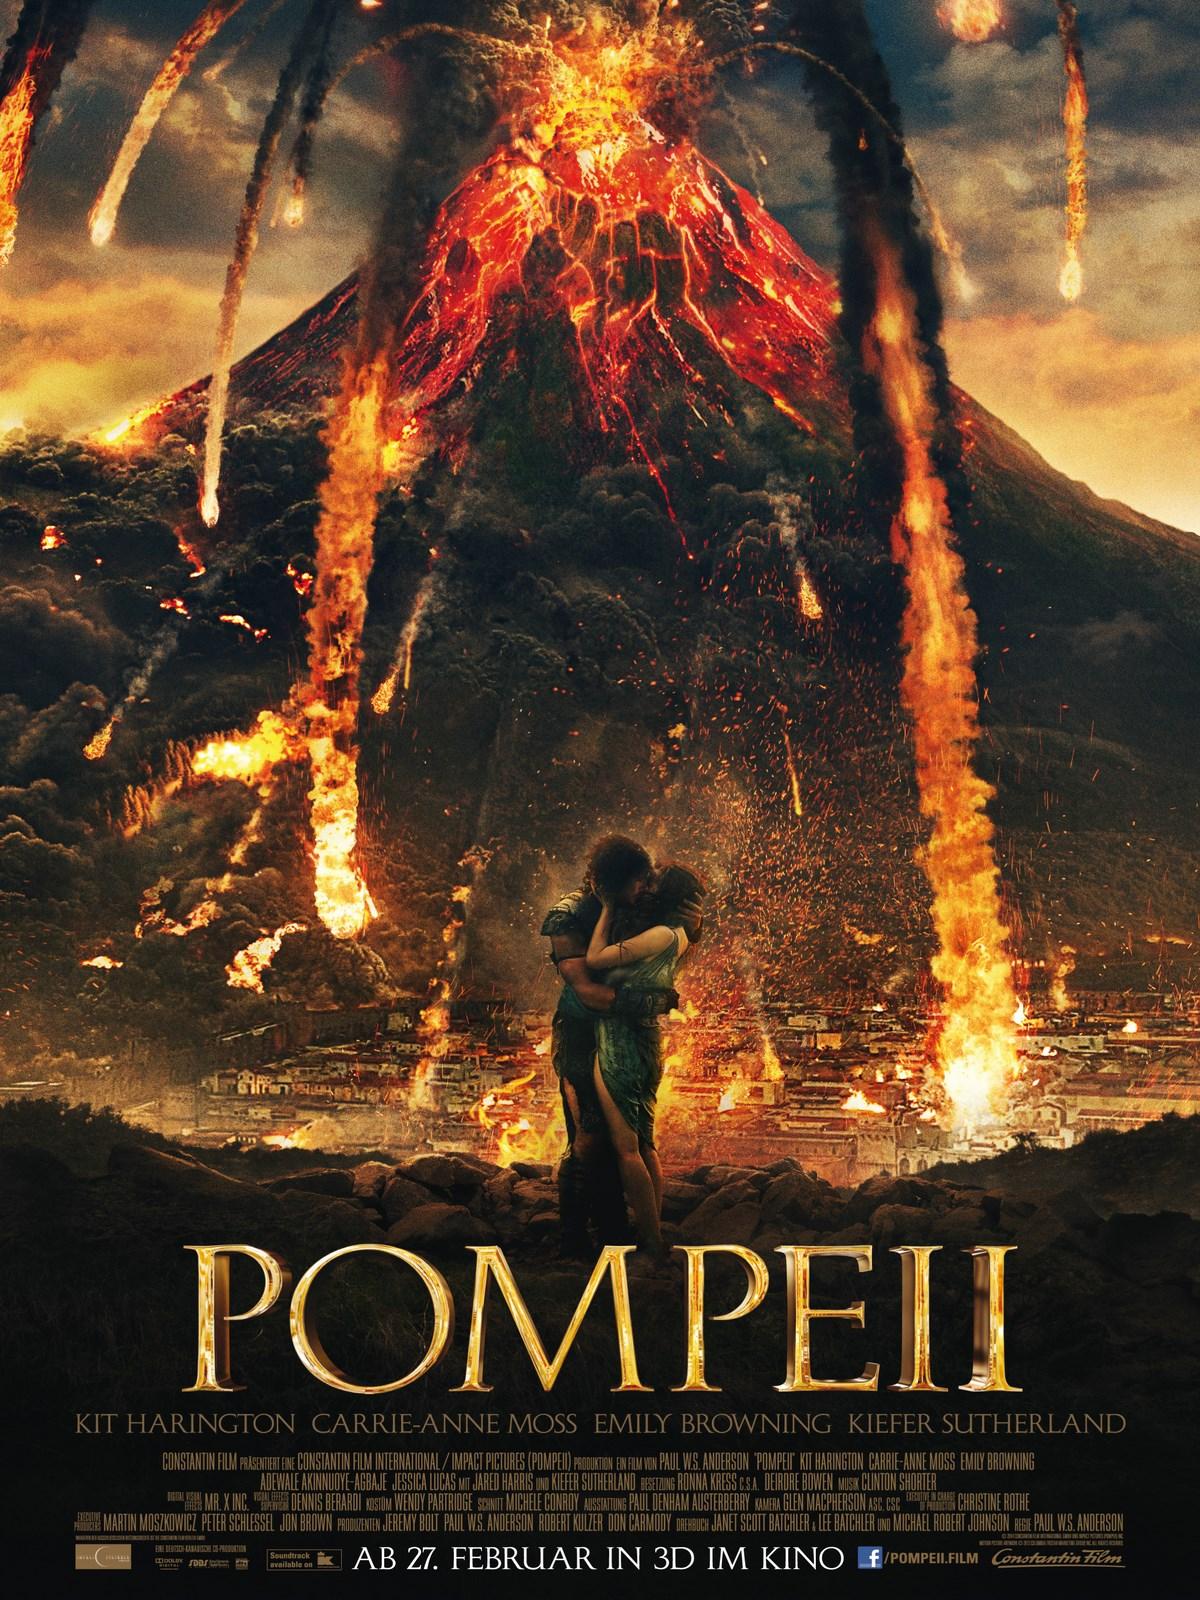 Игровой автомат Pompeii — Бесплатный игровой онлайн автомат Pompeii от Aristocrat